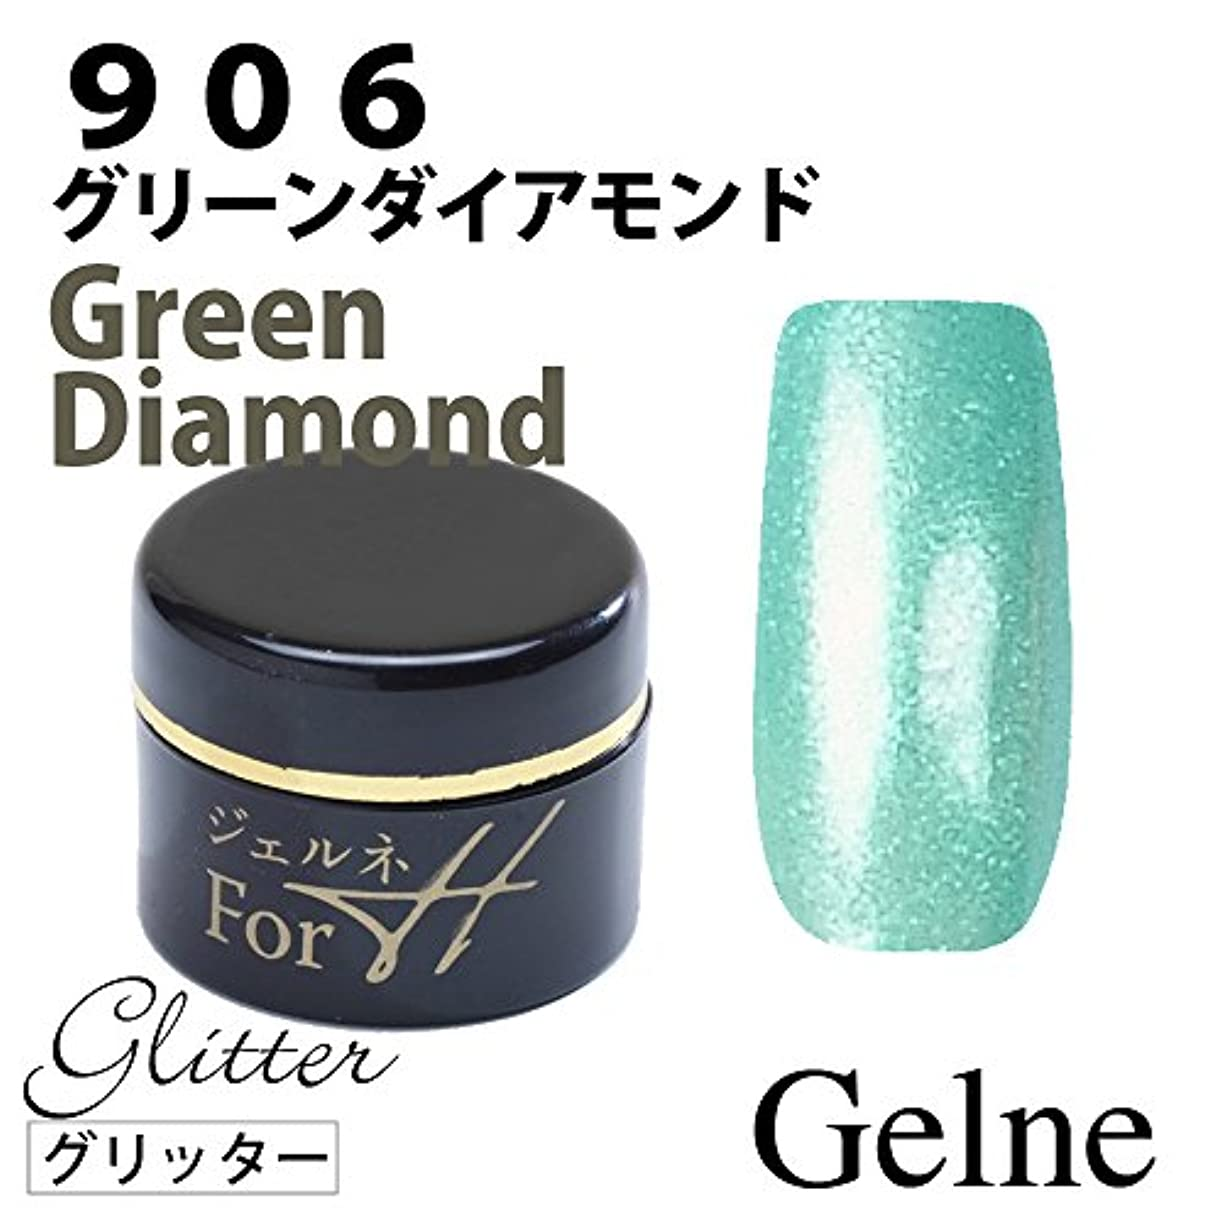 タック征服者間違いGelneオリジナル グリーンダイヤモンド カラージェル 5g LED/UV対応